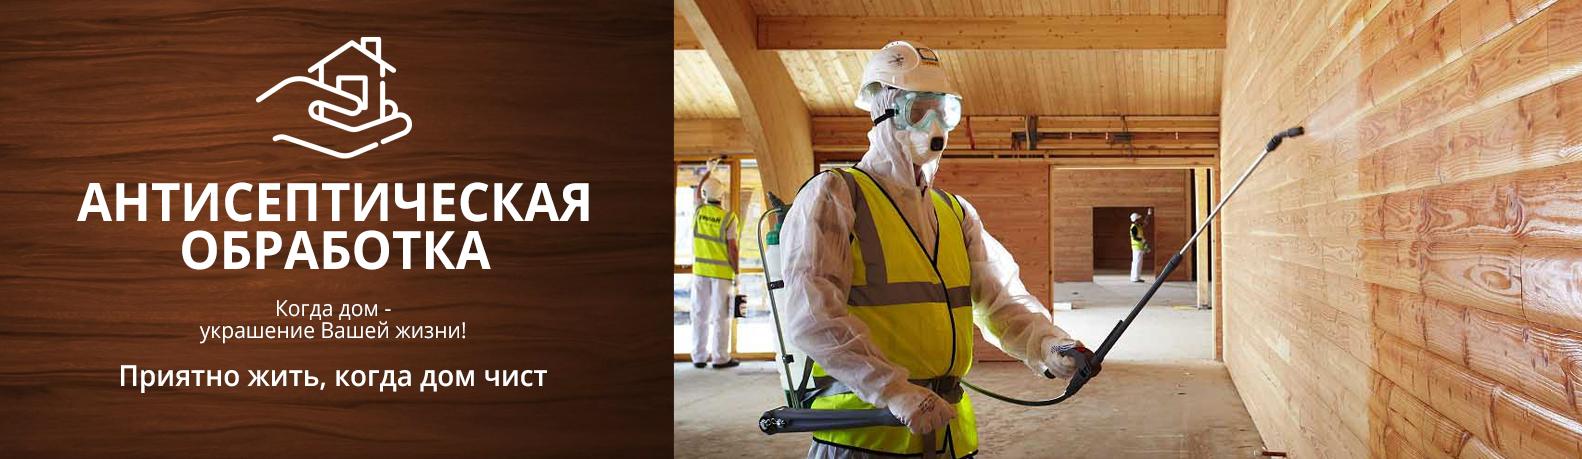 Антисептическая обработка деревянных домов